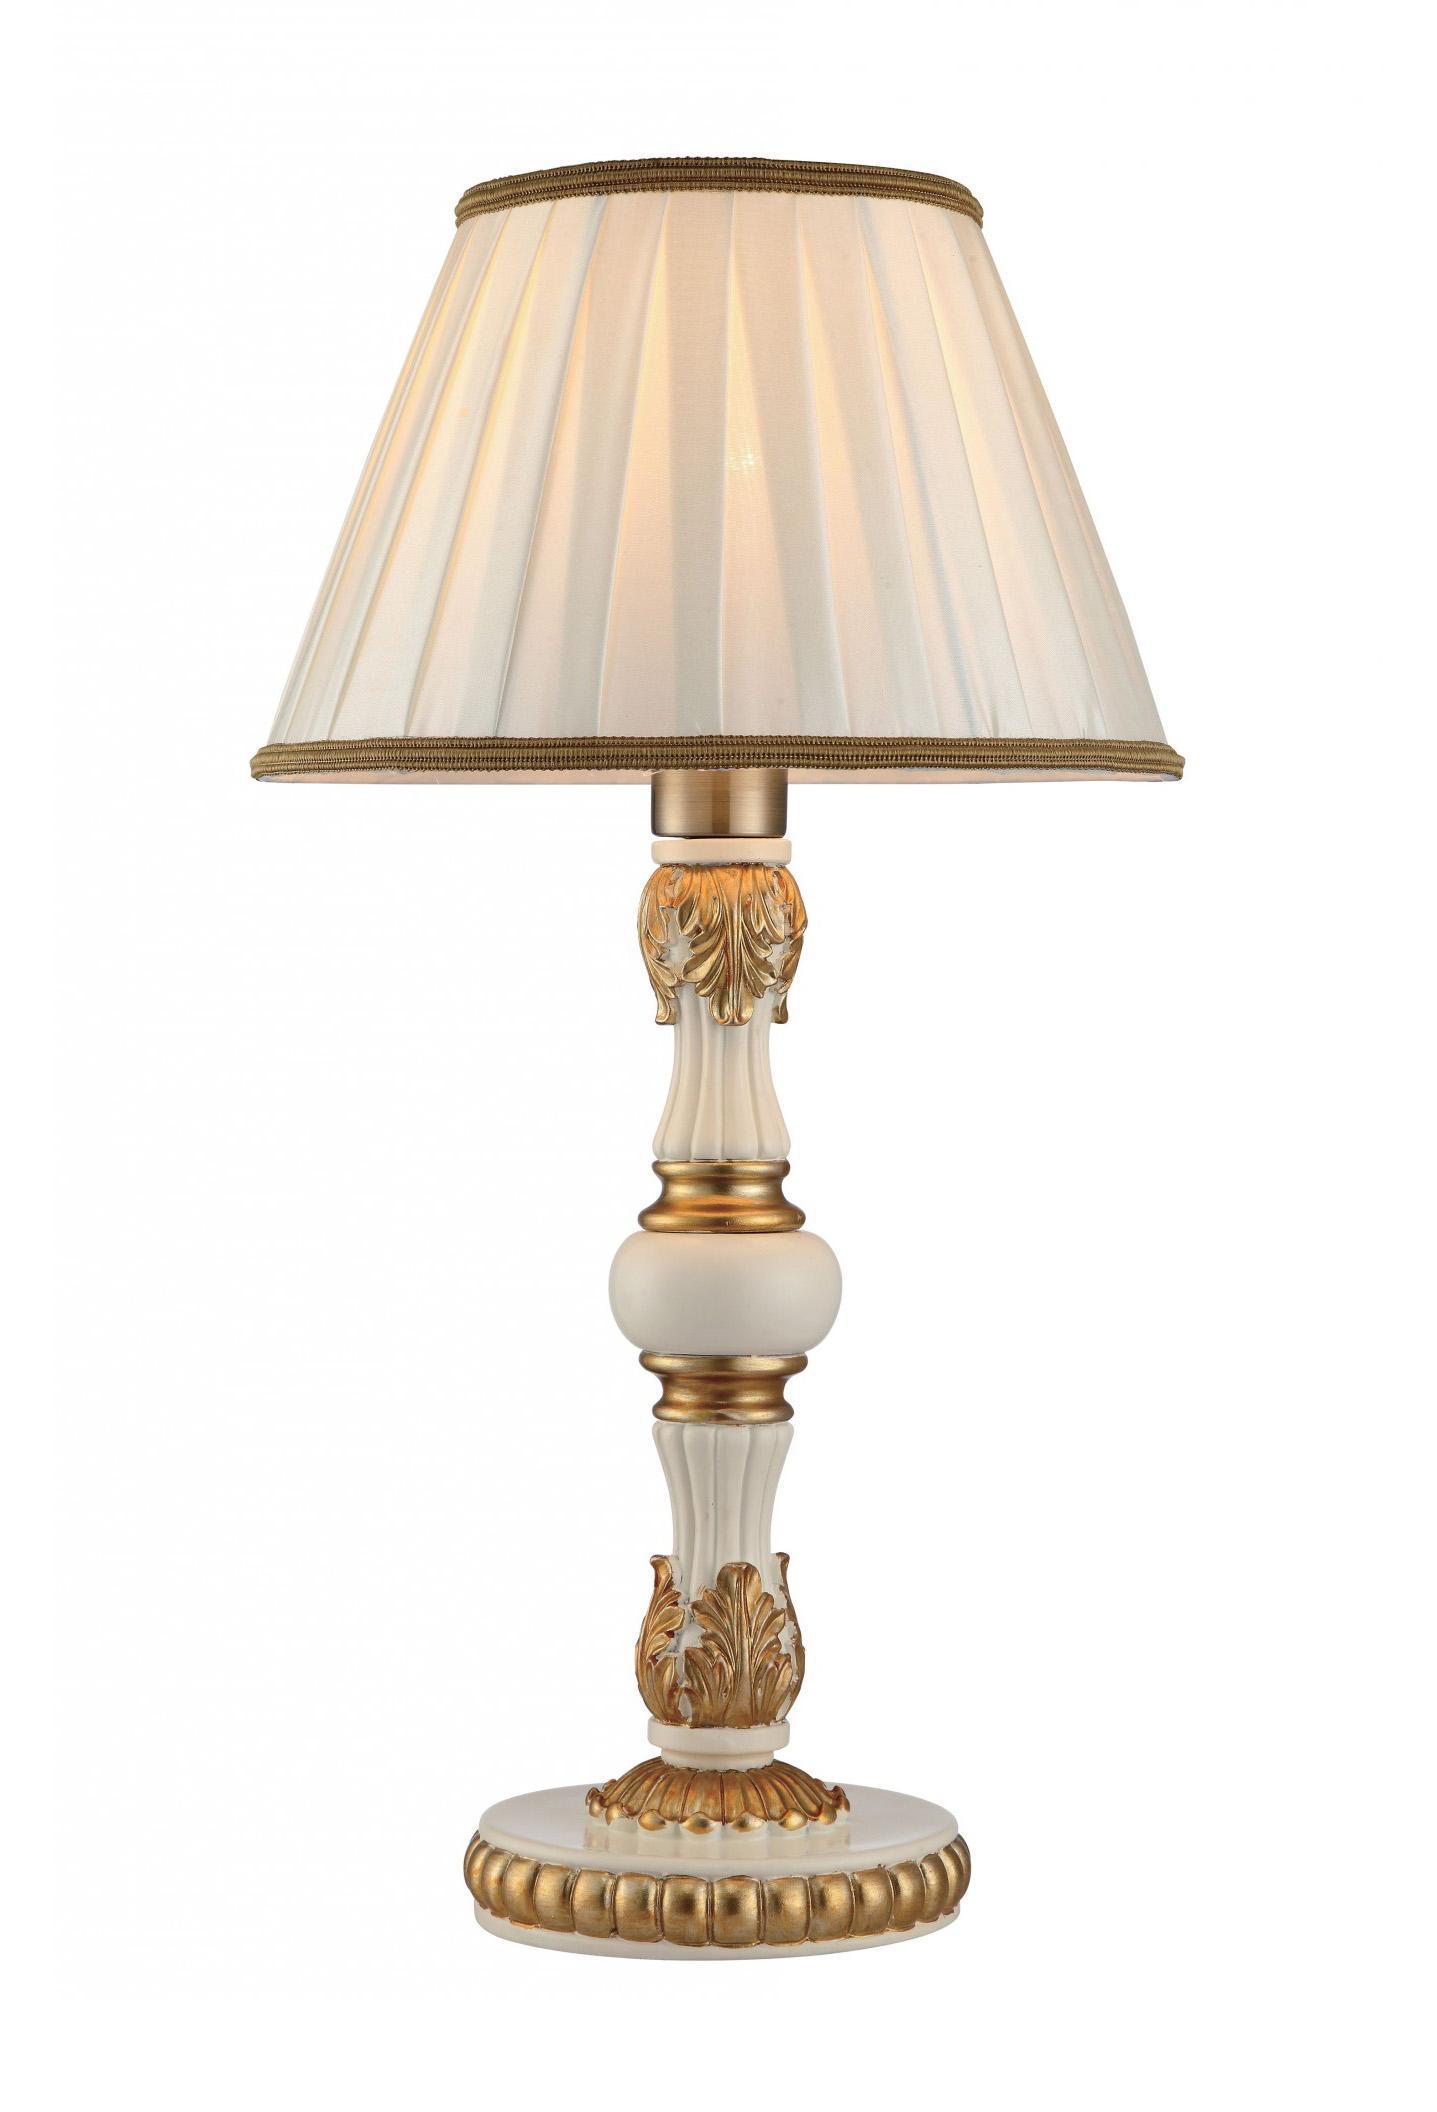 Лампа настольная Arte lampЛампы настольные<br>Тип настольной лампы: декоративная,<br>Назначение светильника: для комнаты,<br>Стиль светильника: классика,<br>Диаметр: 280,<br>Высота: 520,<br>Количество ламп: 1,<br>Тип лампы: накаливания,<br>Мощность: 40,<br>Патрон: Е27,<br>Цвет арматуры: белый,<br>Коллекция: 9570<br>